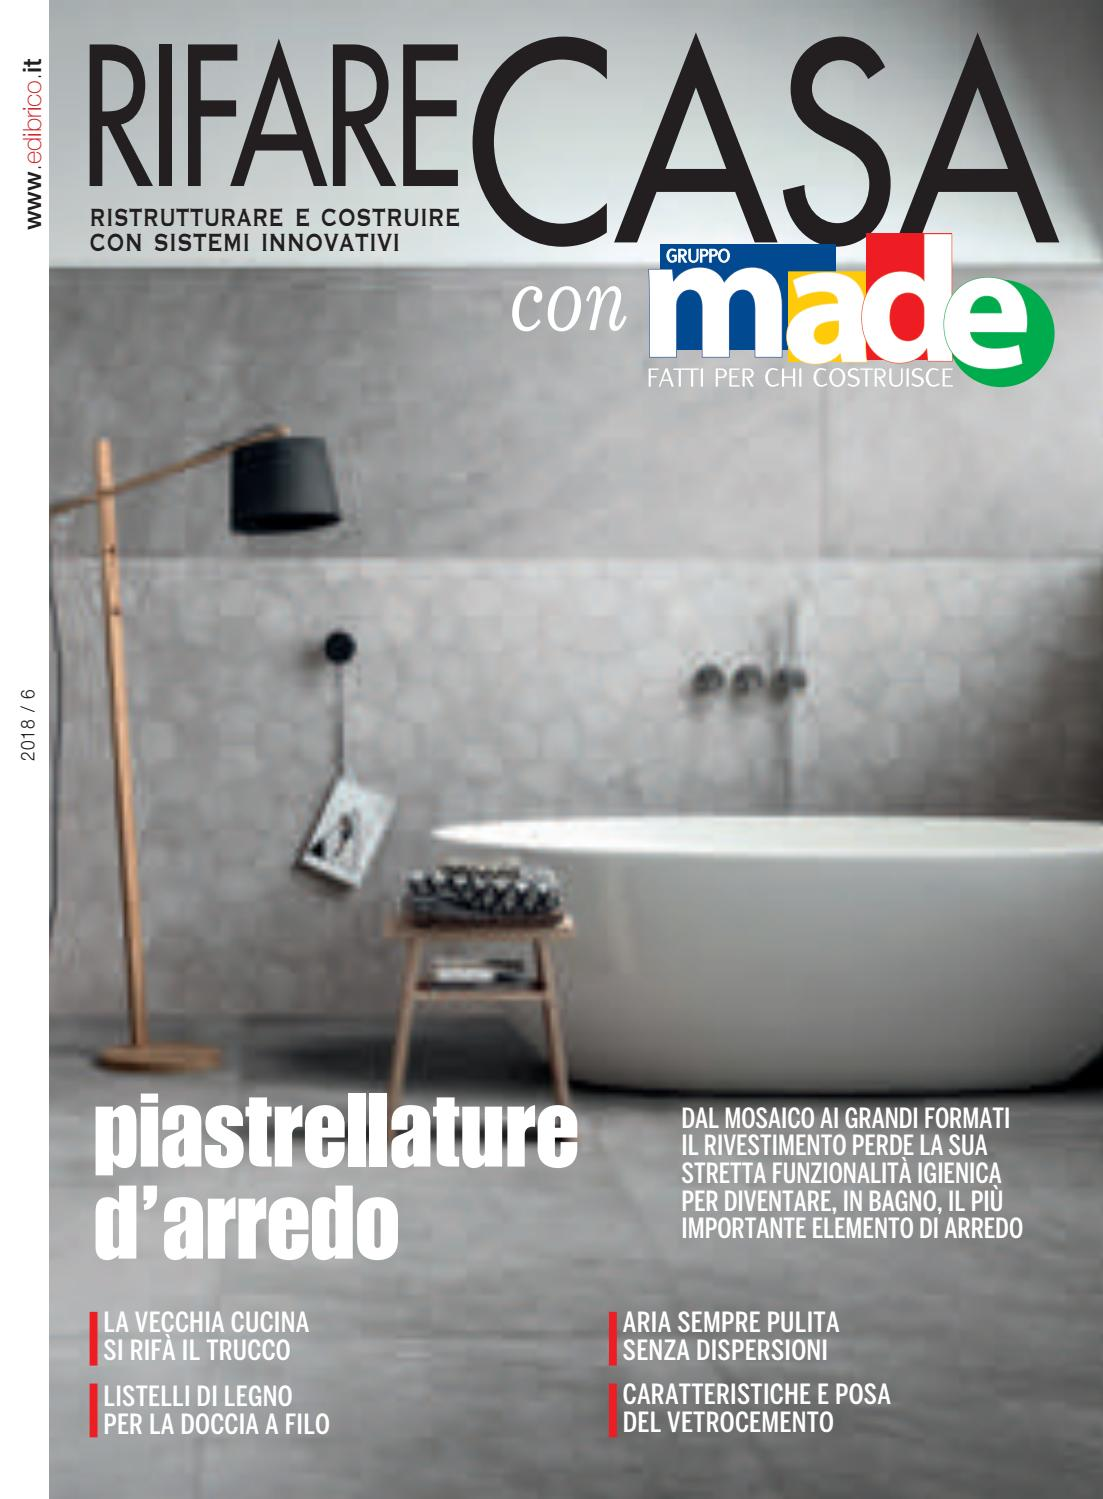 Cemento Premiscelato Per Top Cucina rifare casa con gruppo made by gruppo made - issuu